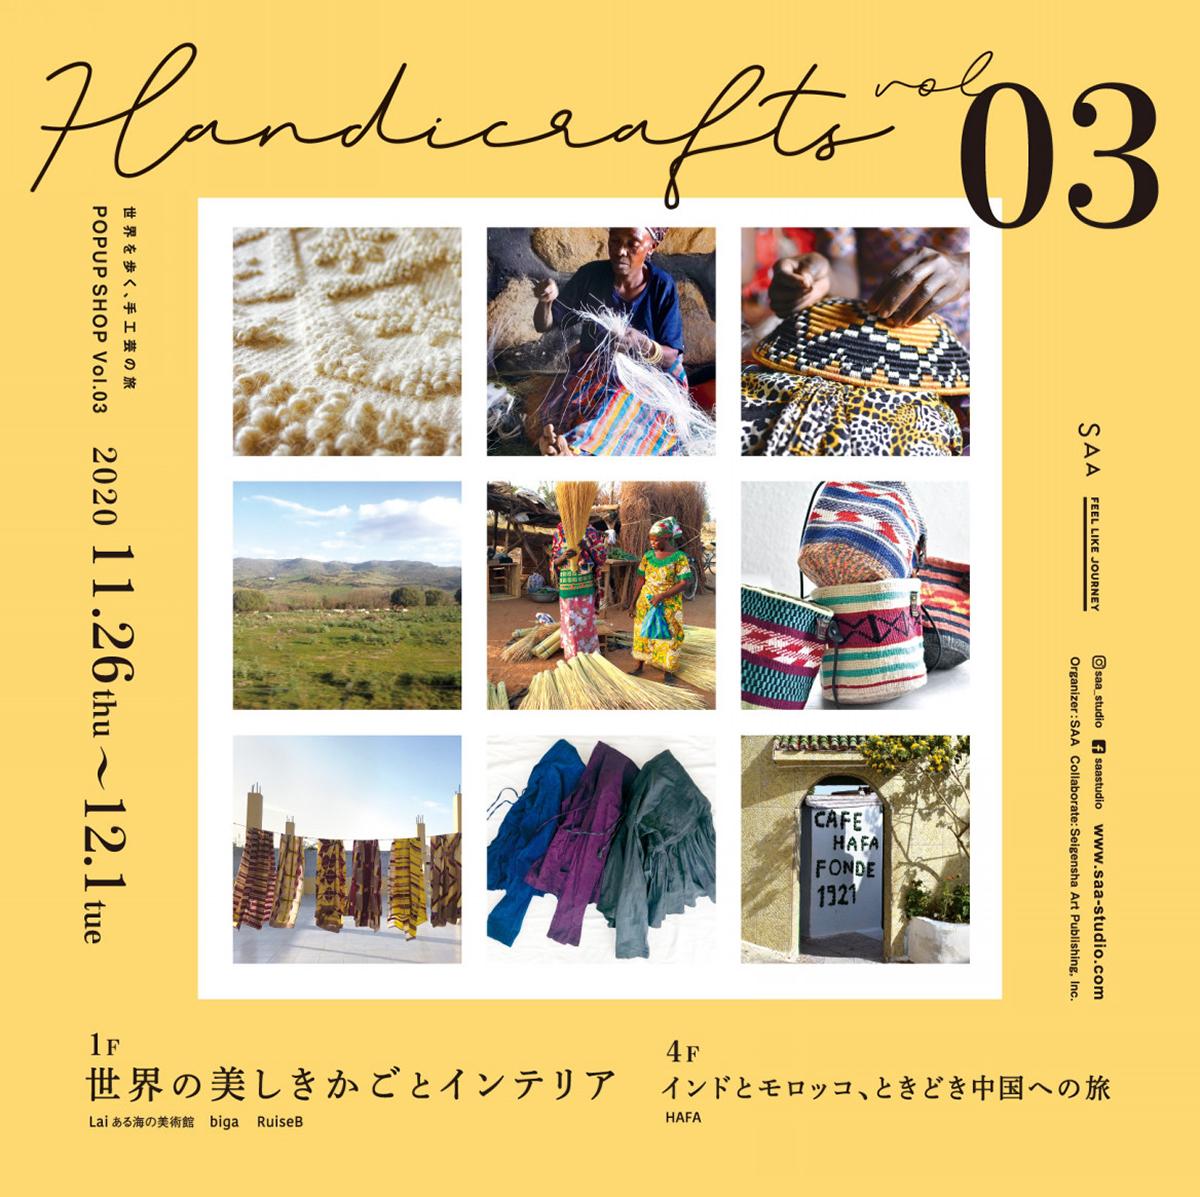 201121event_kansai_10